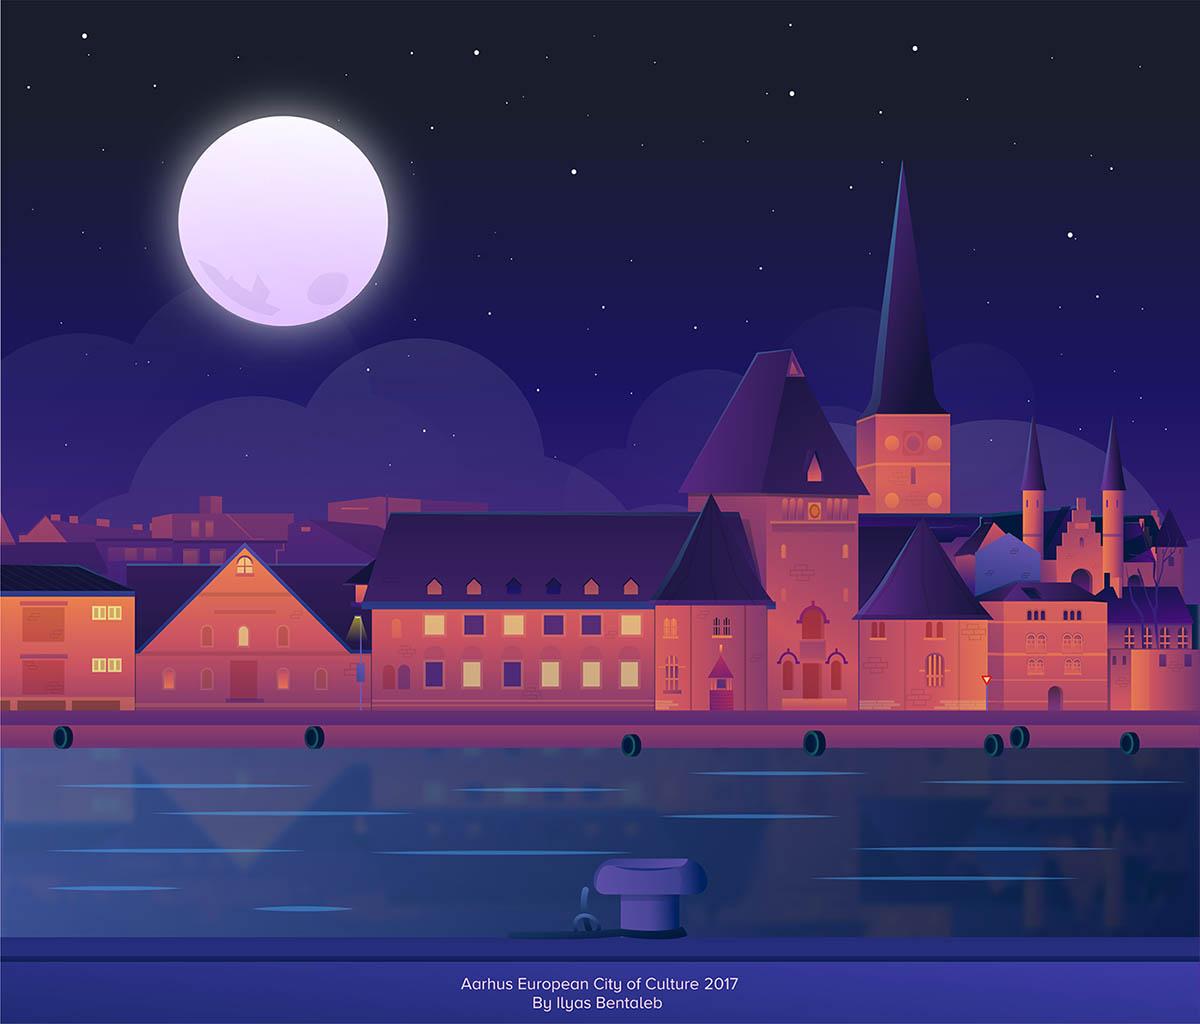 Aarhus European City of Culture 2017